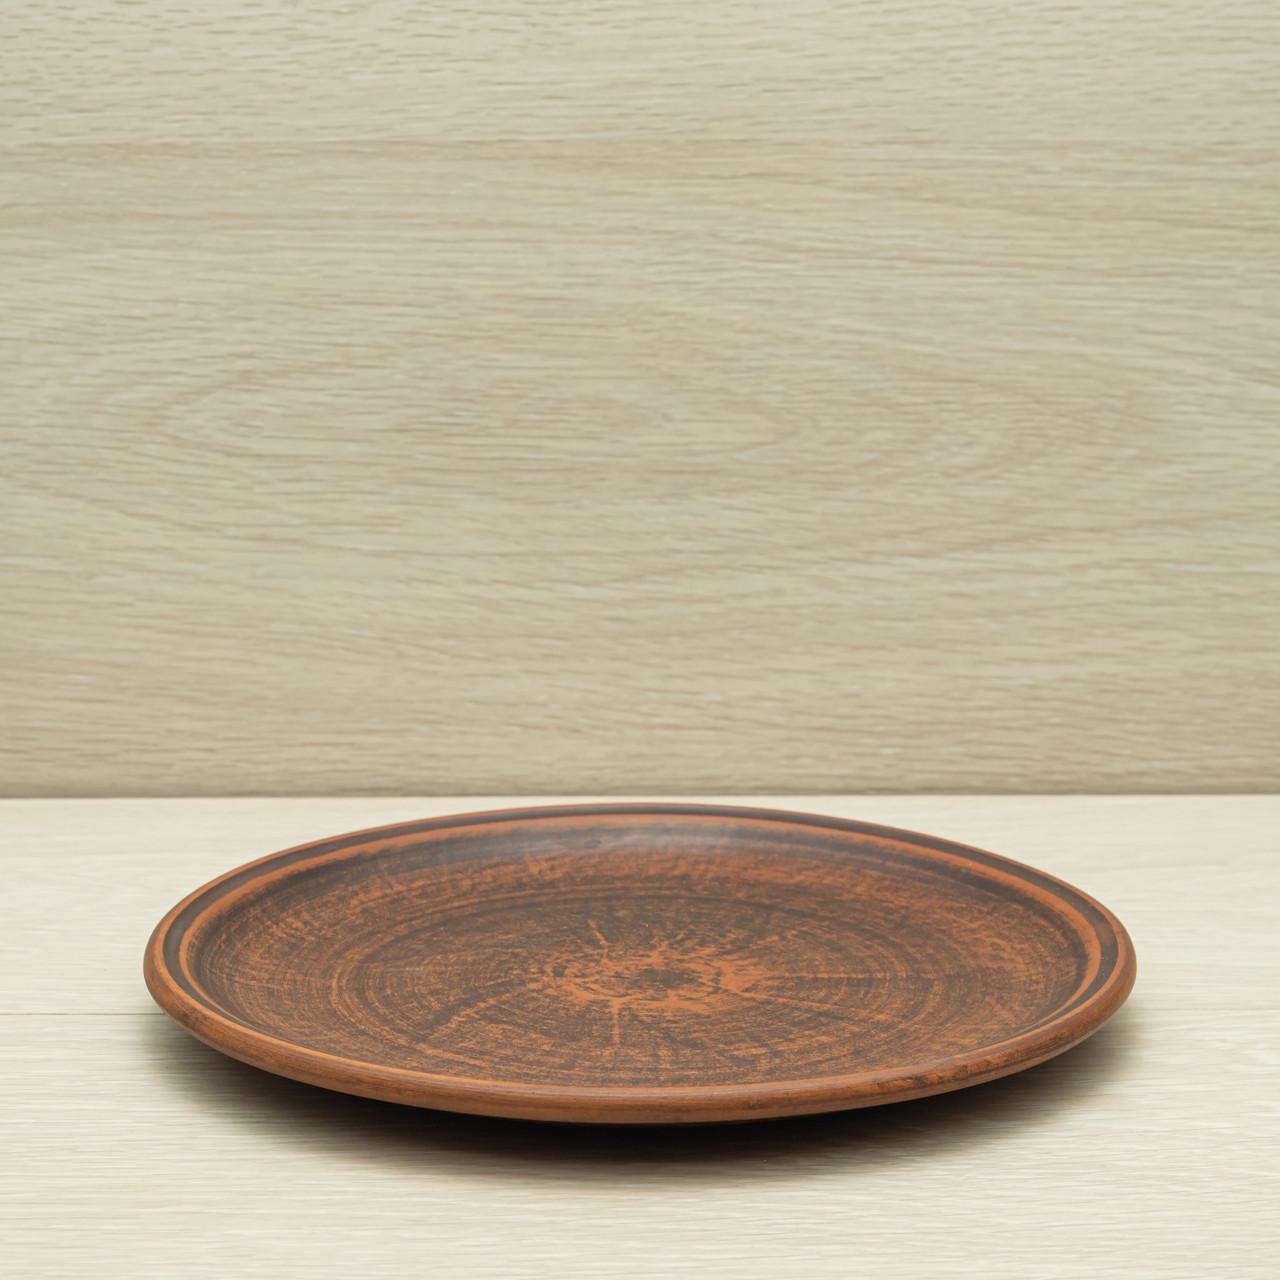 Тарелка средняя из красной глины, диаметр 22см